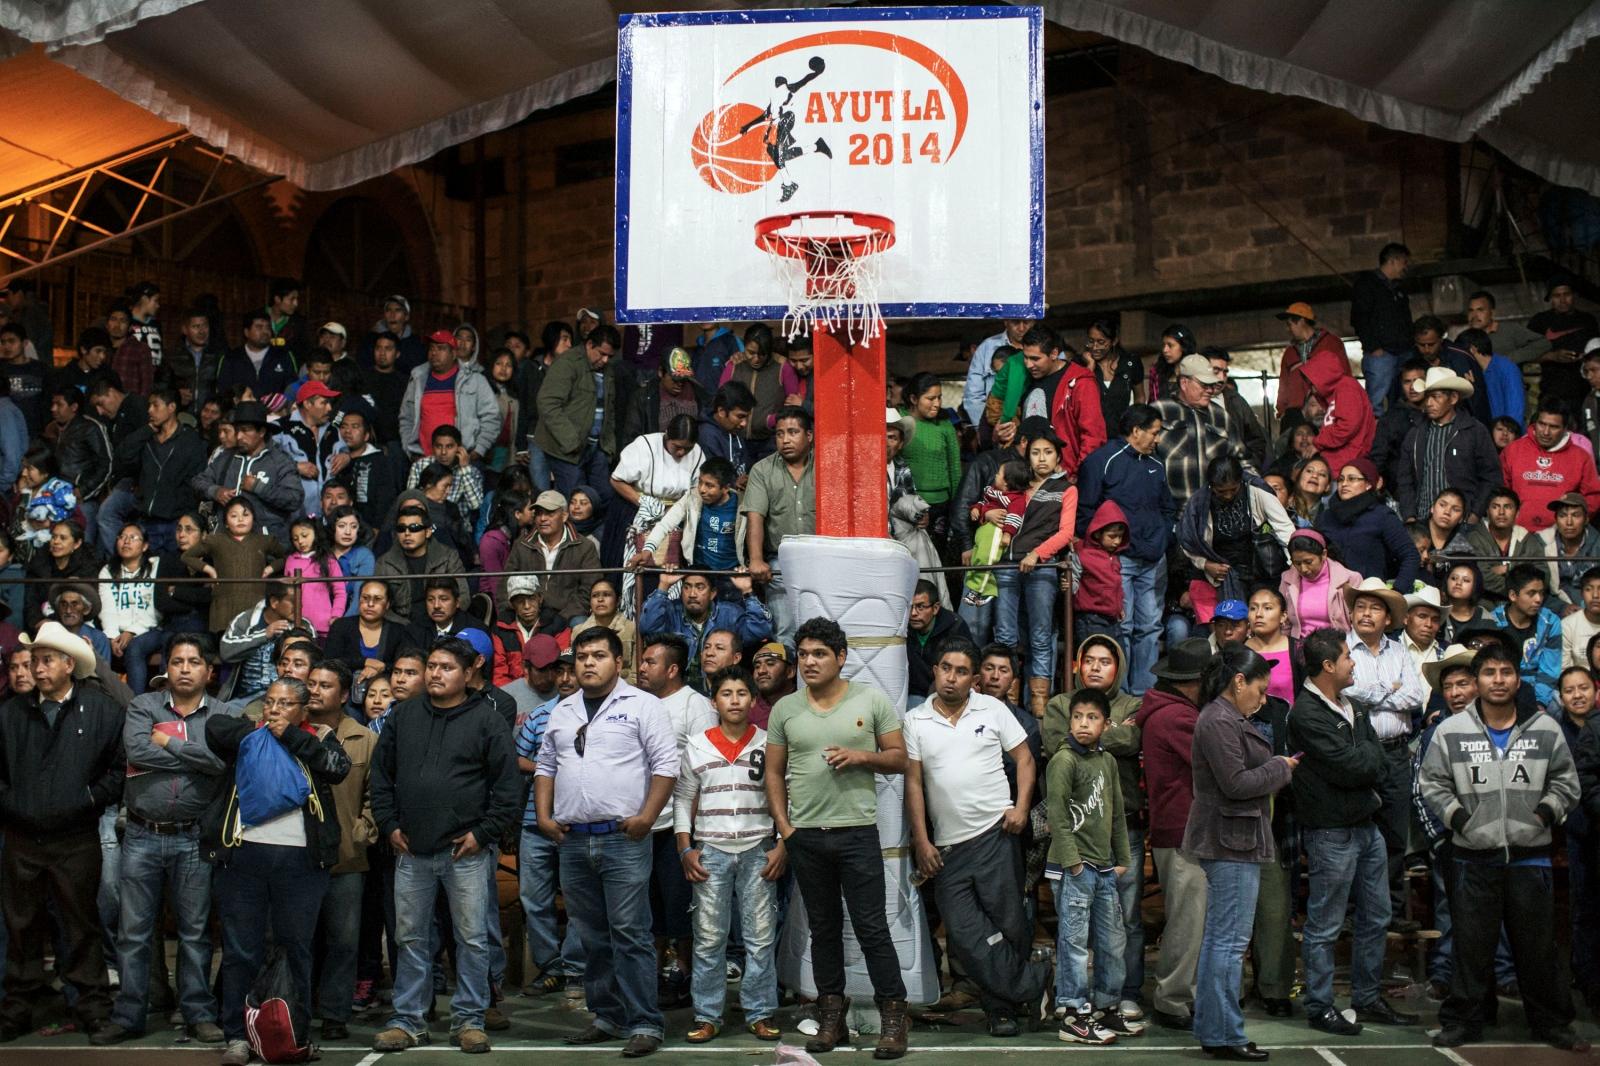 SAN PEDRO Y SAN PABLO AYUTLA, ENERO 27 DE 2014.- Personas observan el torneo de primera fuerza efectuado en Ayutla en el año 2014. El premio al primer lugar fue de $50,000.